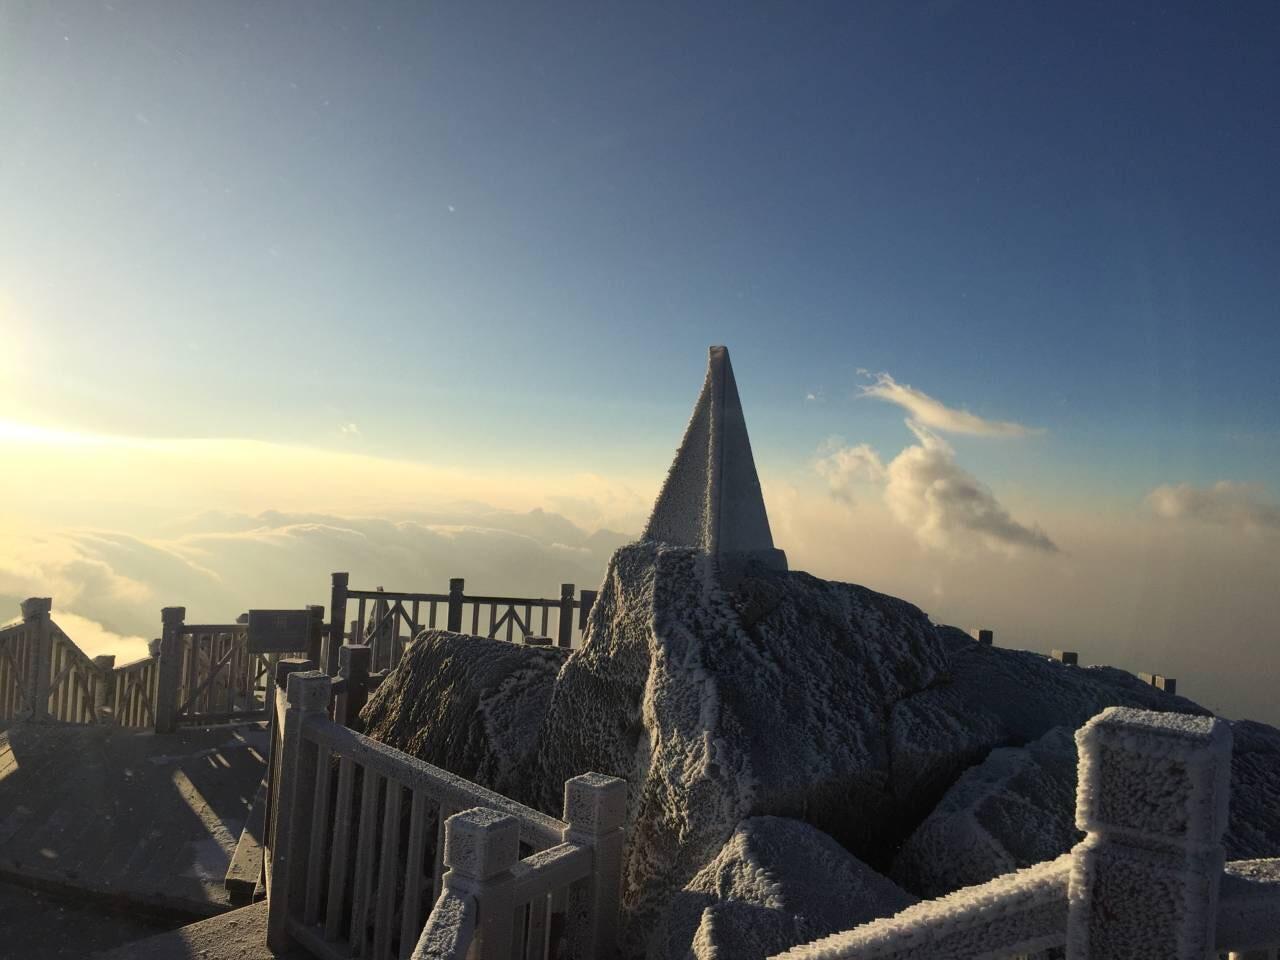 Đỉnh Fansipan trắng xóa băng tuyết, nhiệt độ ghi nhận -4 độ C - Ảnh 8.